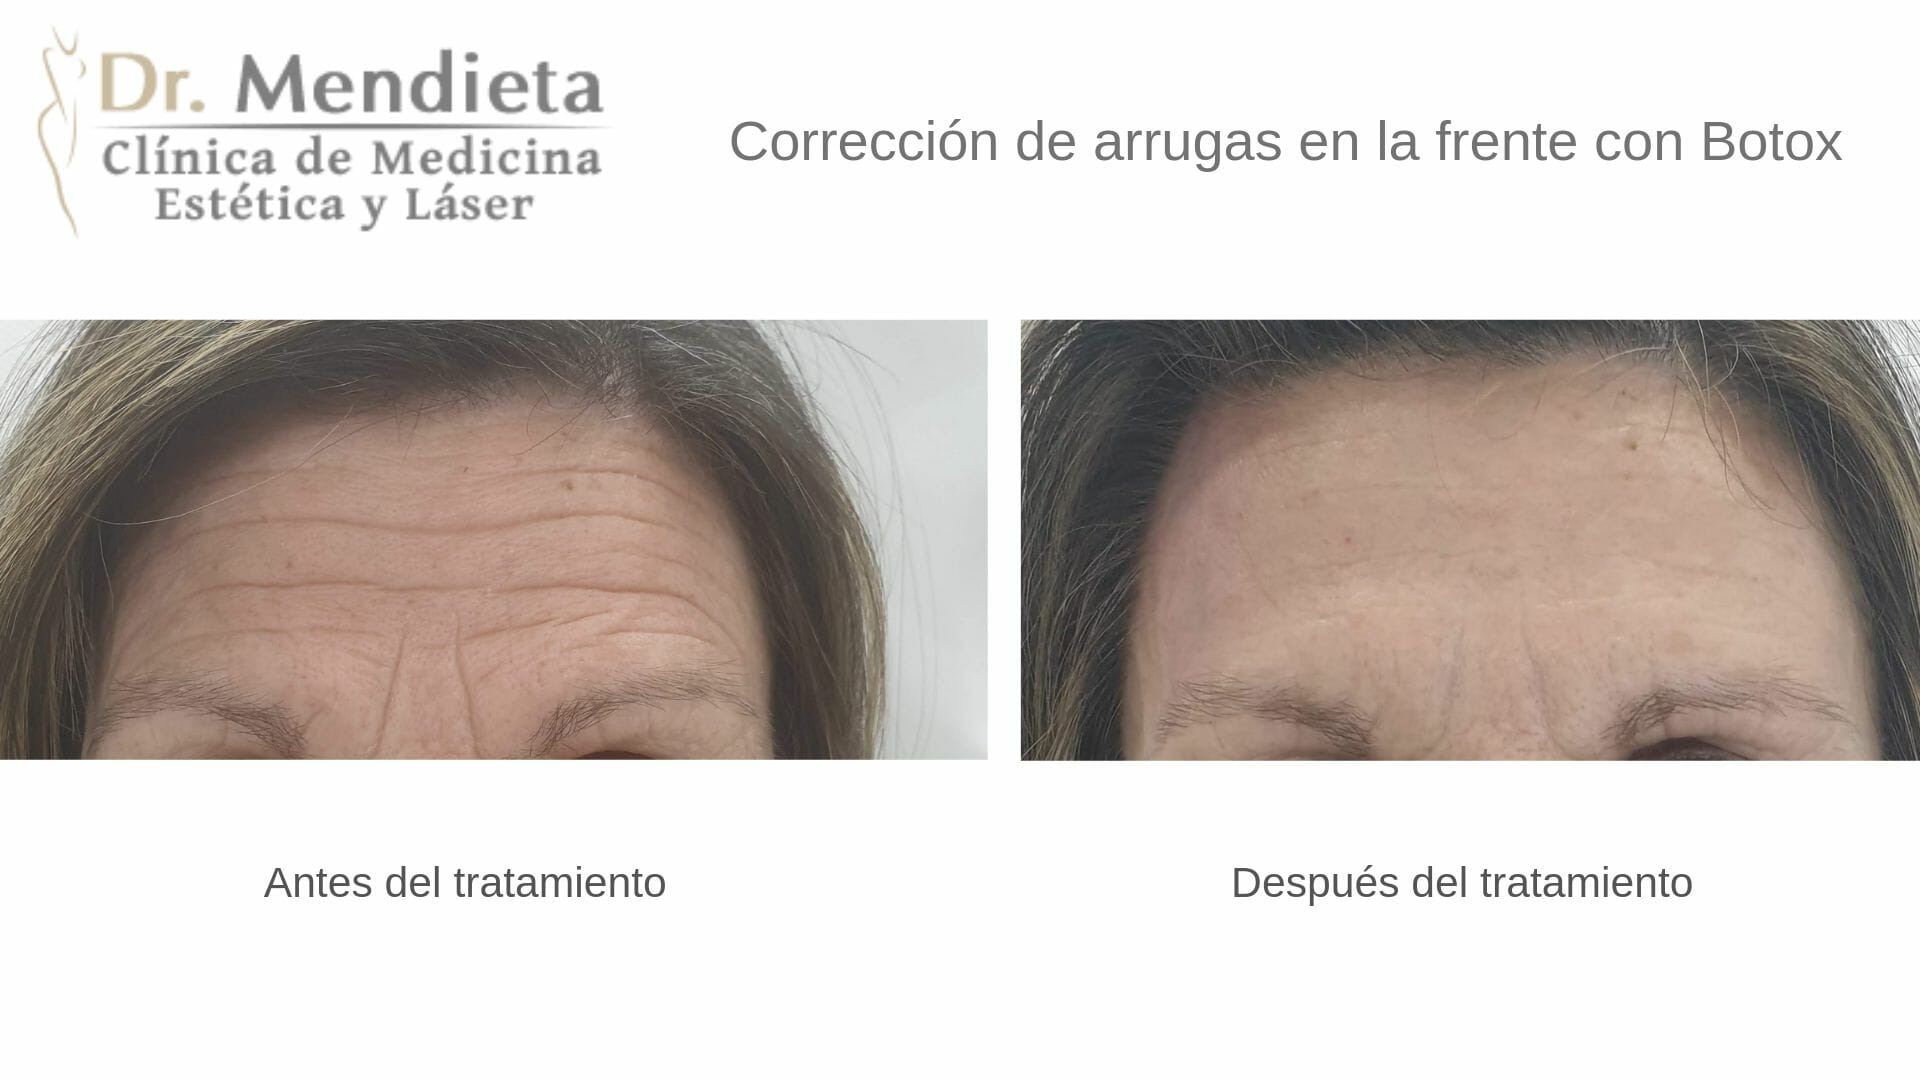 Eliminación de arrugas de la frente